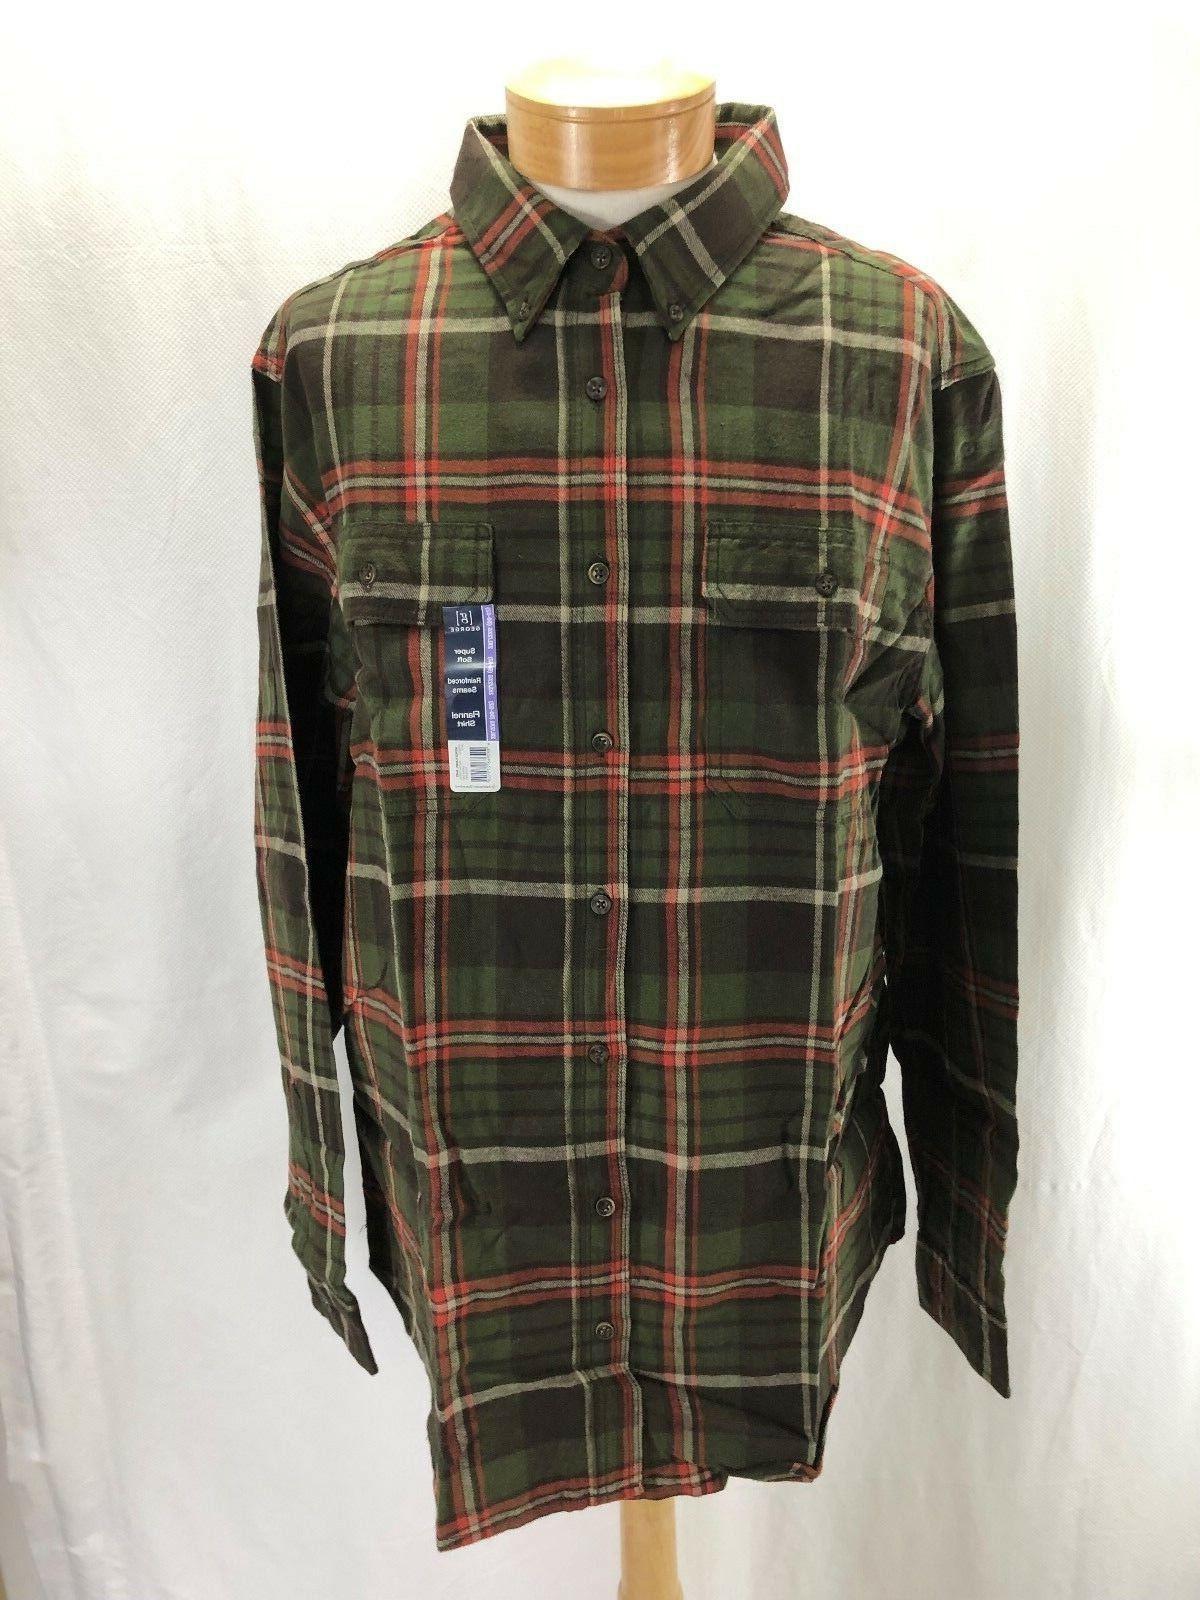 new 2xl plaid flannel shirt button down